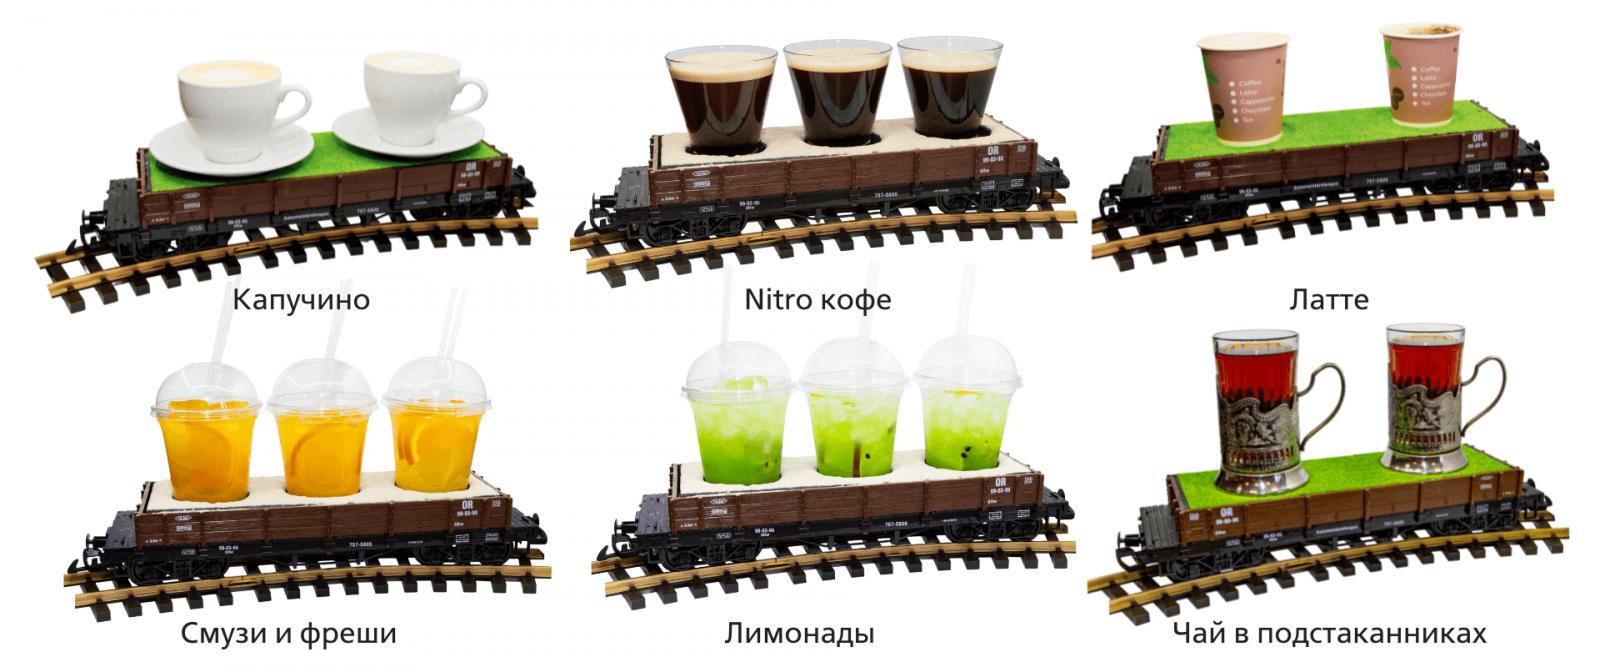 Безалкогольные напитки в ЖД Вагонах